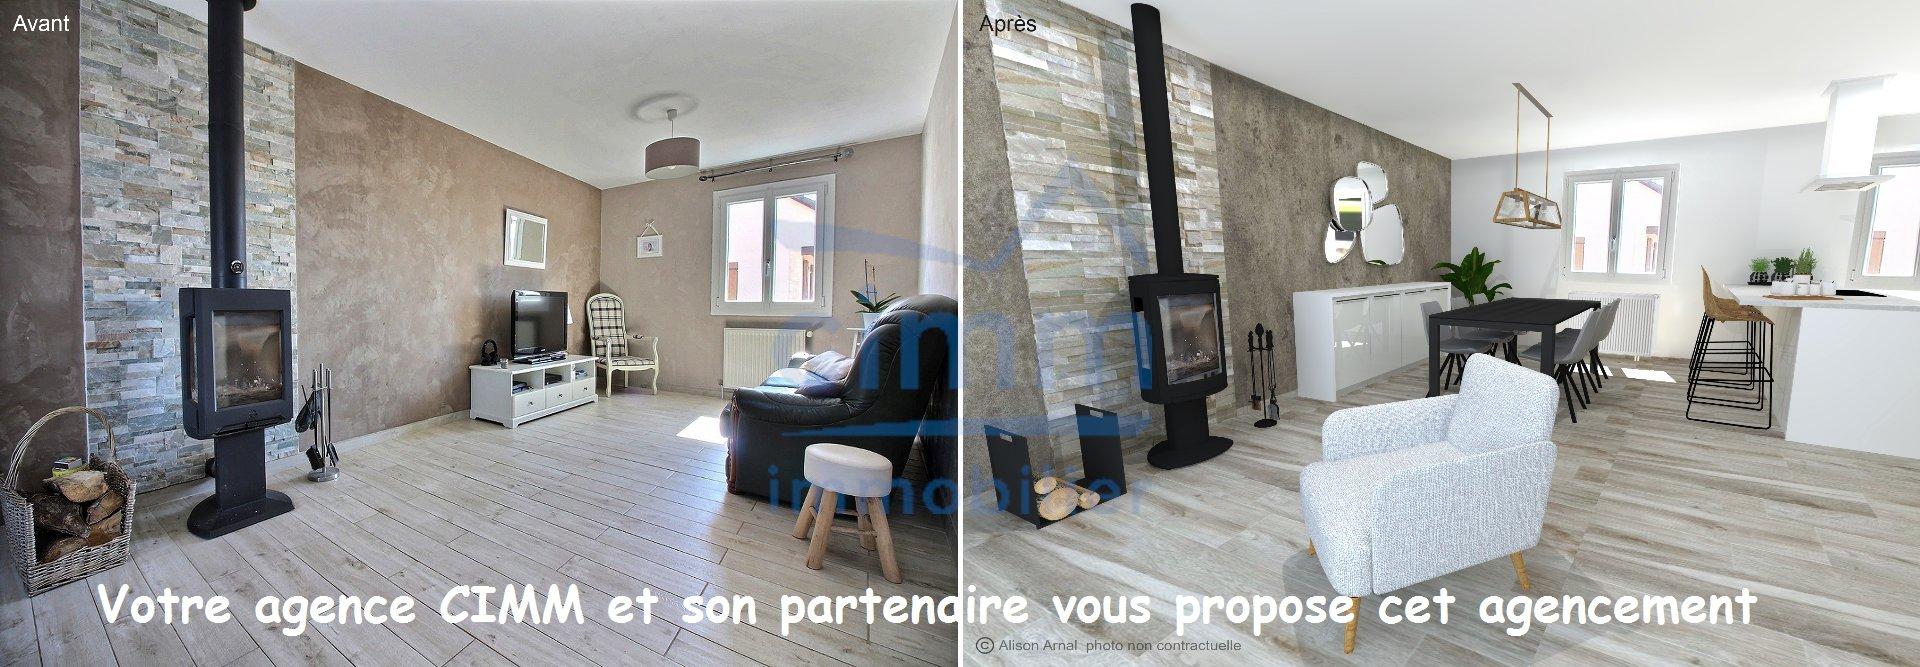 En excusivité chez CIMM IMMOBILIER GENLIS !    AISEREY: 20km de Dijon, secteur dijon-est: dans un quartier au calme, maison INDIVIDUELLE édifiée sur sous-sol complet offrant tout le confort pour votre famille!    AGENCEMENT - DISPOSITION :  Vaste entrée desservant un salon-séjour avec poêle à bois de 2014 accès terrasse, une belle cuisine équipée pouvant être ouverte sur le séjour, trois chambres avec parquet, une salle de bains avec double vasque et un wc séparé.    Vous trouverez également un sous-sol complet composé d'un garage double de 45m², d'une pièce aménagée, d'une cave, d'un bûcher, d'une cuisine d'été et d'une buanderie.    Le tout sur un joli terrain clos de 816m² avec un abri de jardin.    Les plus : maison individuelle avec l'espace vie sur un même niveau, double vitrage PVC, tableau électrique refait en 2017. Belle rénovation sur l'ensemble de la maison.    ELEMENTS FINANCIERS ET ENERGETIQUES :  Son prix : 209 000€, honoraires charge vendeur inclus.  Taxe foncière: 1130€  DPE : D.    Info utile : AISEREY est situé à 20 min des portes de DIJON avec écoles maternelle et élémentaire et toutes les commodités nécéssaires.    Votre conseillère:   Jennifer DELORME, agent commercial.  Agence Cimm Genlis, 7 cours des Martyrs de la Résistance et/ou 1 route de Dijon (21110). Tél. 06.19.14.10.29  Courriel : genlis@cimm-immobilier.fr ; Photos sur notre site : www.cimm.com ; SIREN 808 065 015 (Réf.789jd)